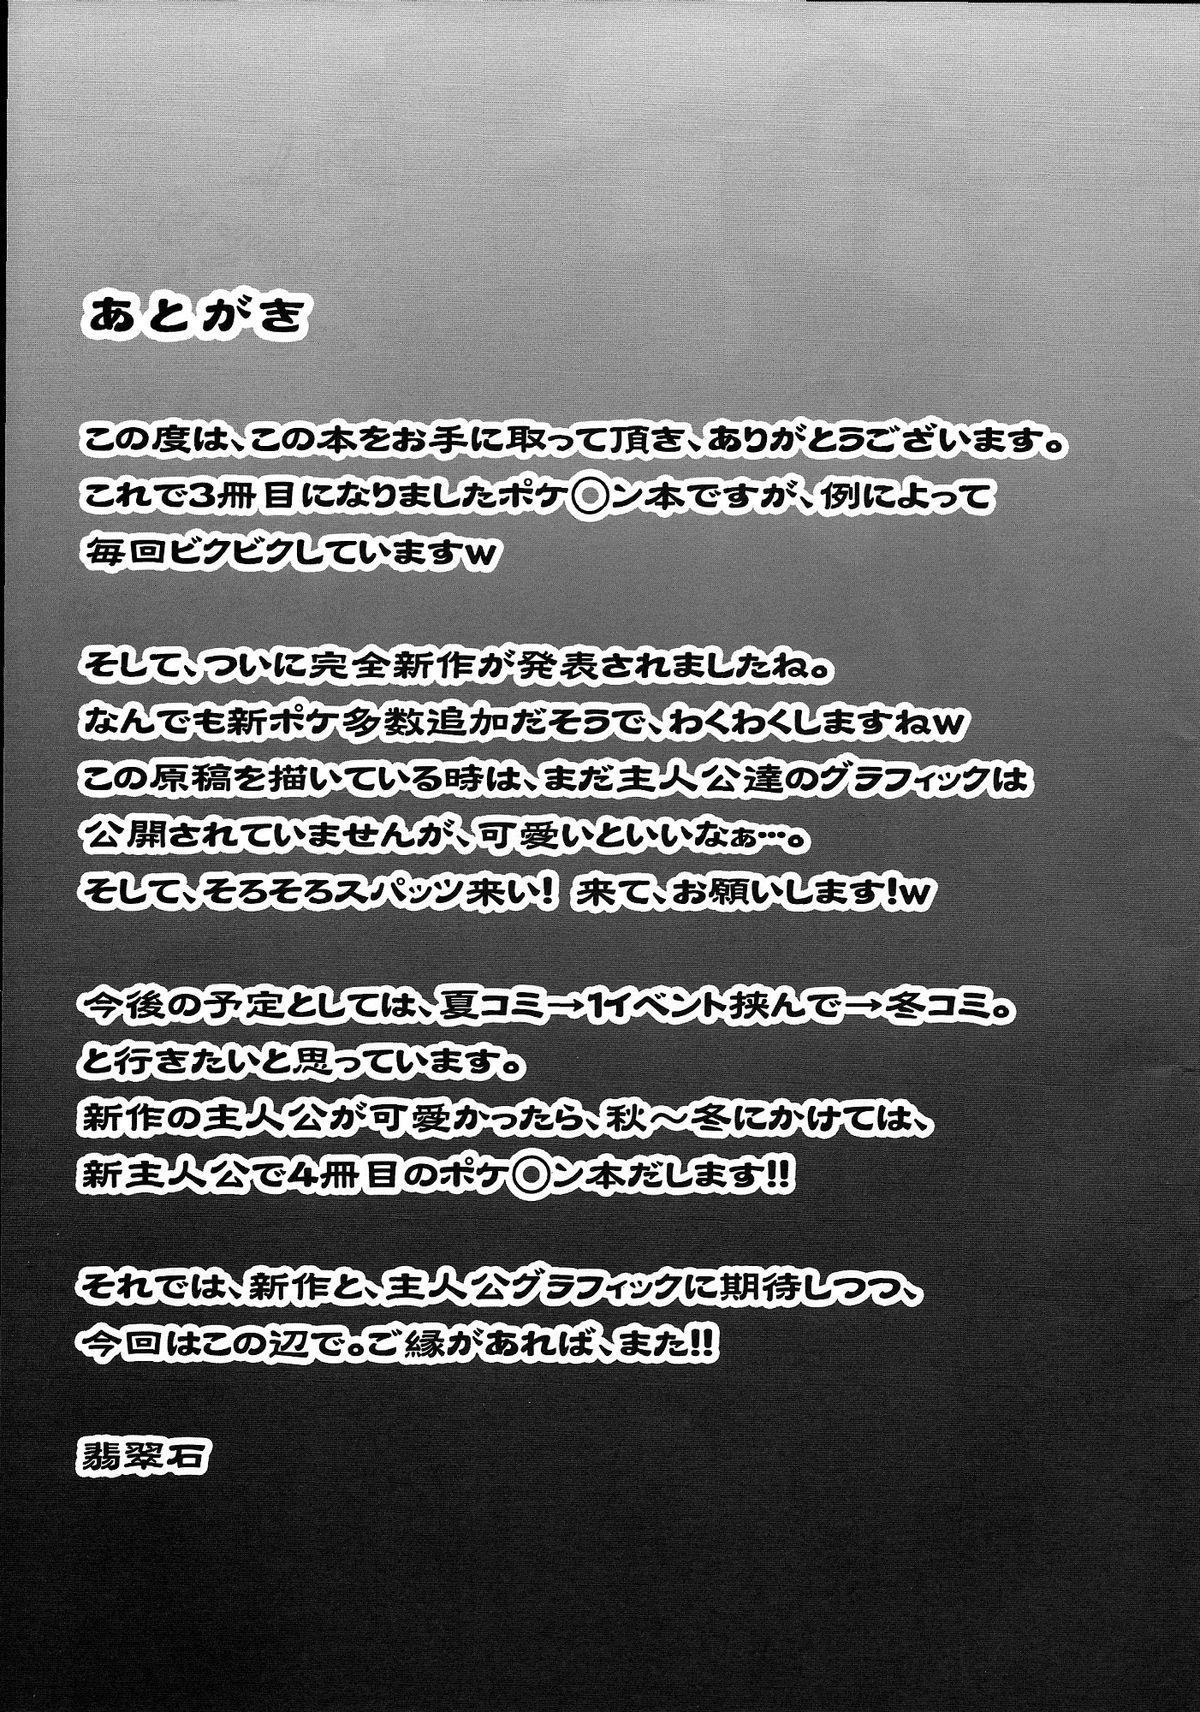 Double Battle de Daijoubu!! Kamo... | Double Battles Are No Problem! Probably... 21